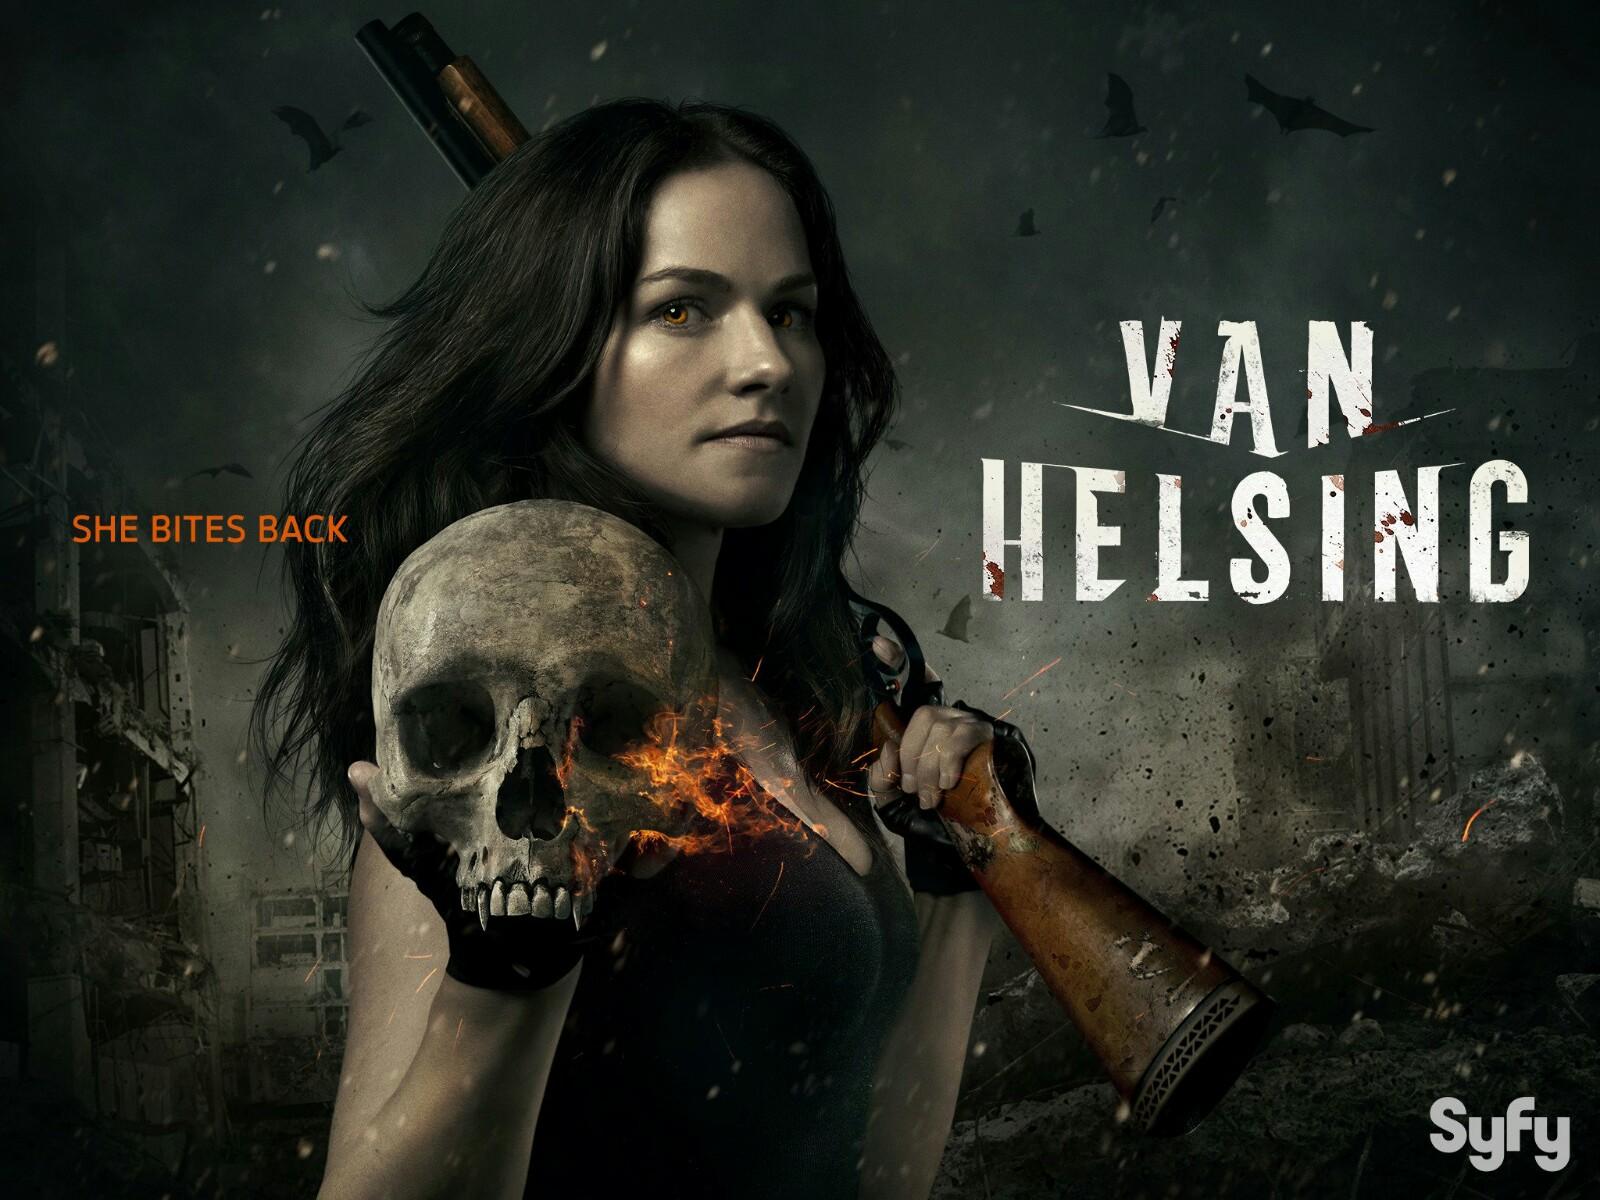 """""""Van Helsing Season 3"""": Apakah Vanessa mengetahui tentang Lily Van Helsing, leluhurnya? Benar-benar mengetahui Trailer, Alur Cerita, Plot, dan banyak lagi!"""